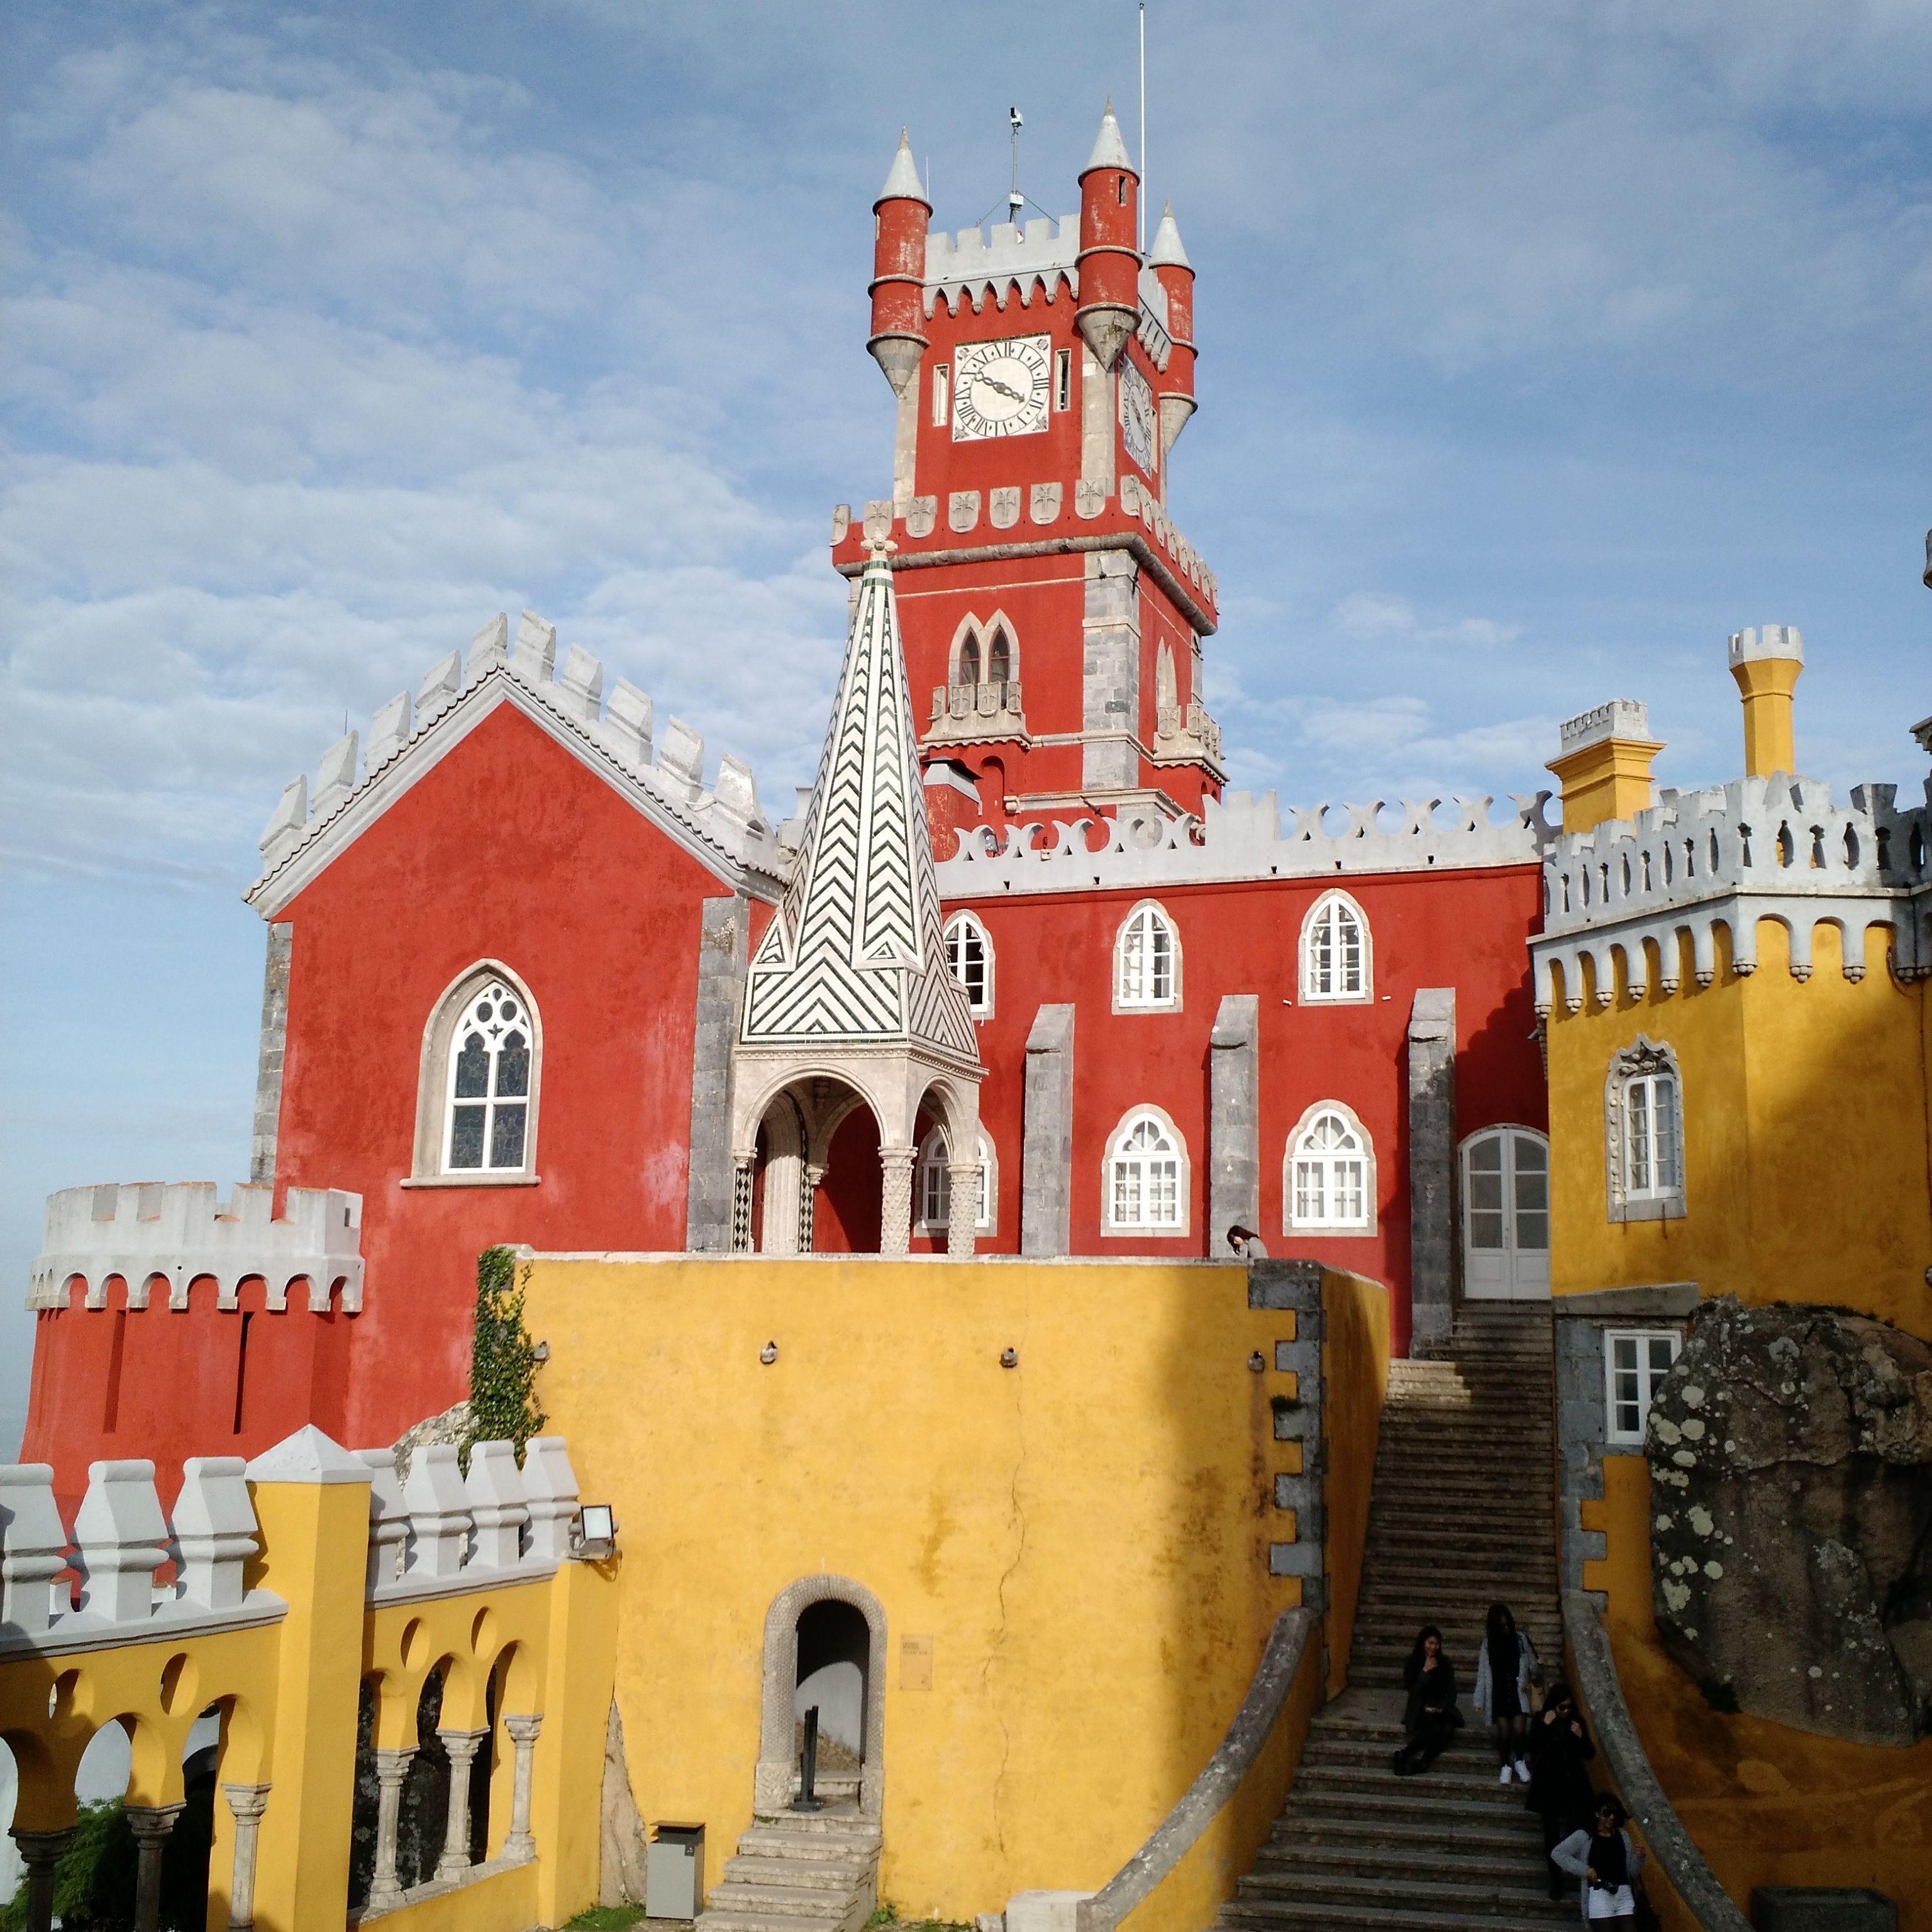 Castelo da Pena - Sintra - Portugal